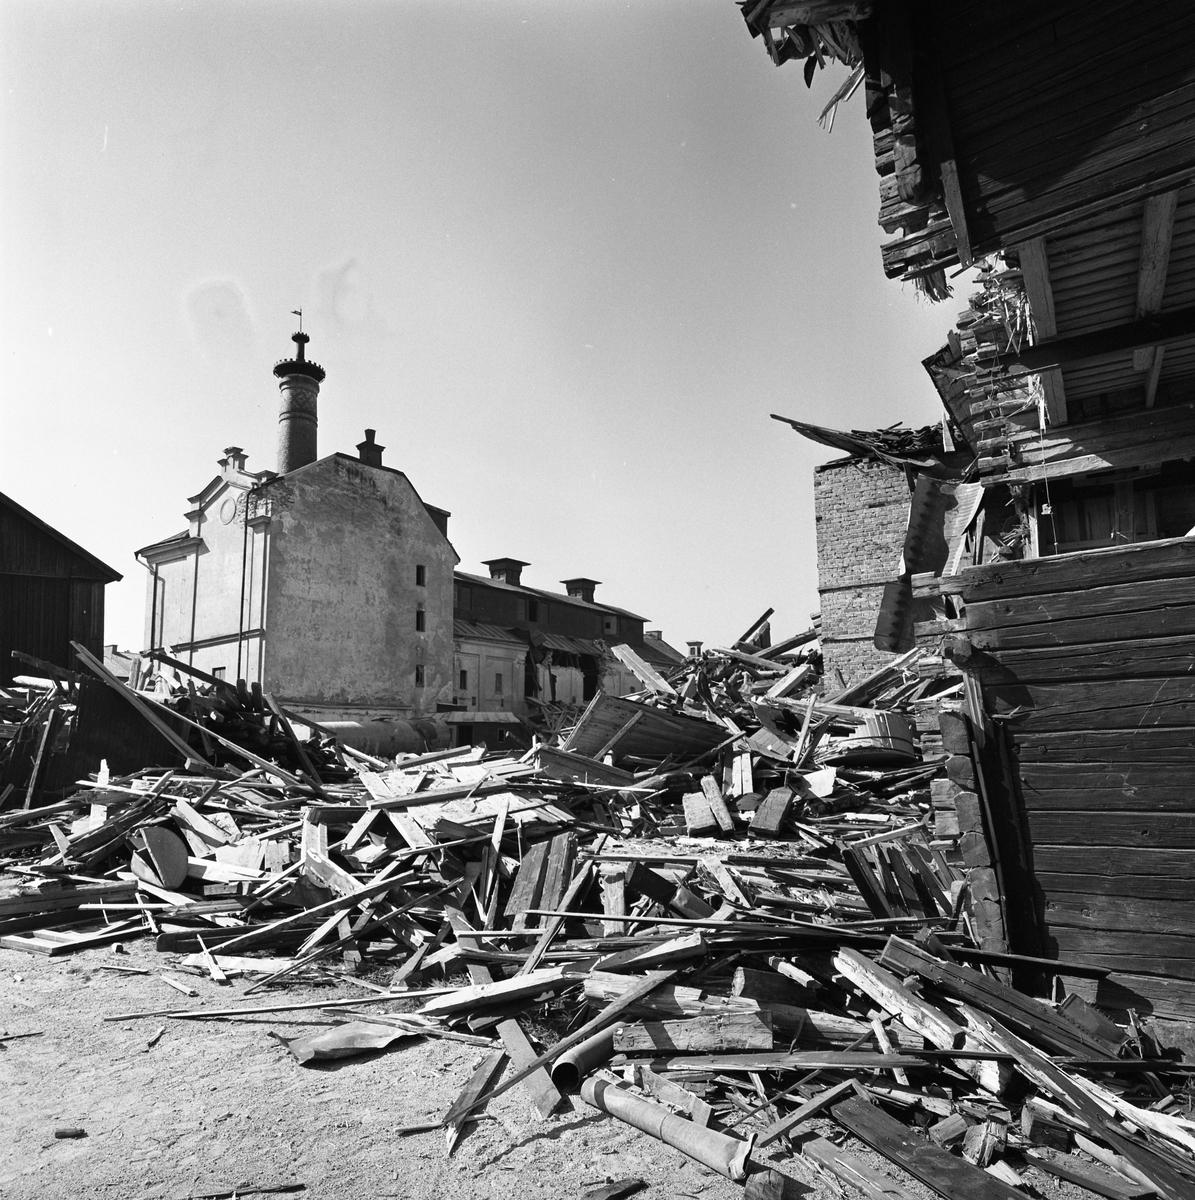 Arboga Kvarn och Maltfabrik är nedlagd och rivningsarbetet har börjat. Fabriken, med den dekorativa skorstenen, står ännu kvar medan hamnmagasinen förvandlas till brädhögar.  Det som kom att bli Arboga Kvarn och Maltfabrik anlades 1821 av Jonas Örström. Kvarnrörelsen startade 1915 och upphörde 1967. Vetemjöl av märket Guldsnö framställdes här. Maltproduktionen upphörde 1972.  Läs om Arboga Kvarn och Maltfabrik: Hembygdsföreningen Arboga Minnes årsböcker från 1979 och 1999 Reinhold Carlssons bok Arboga objektivt sett